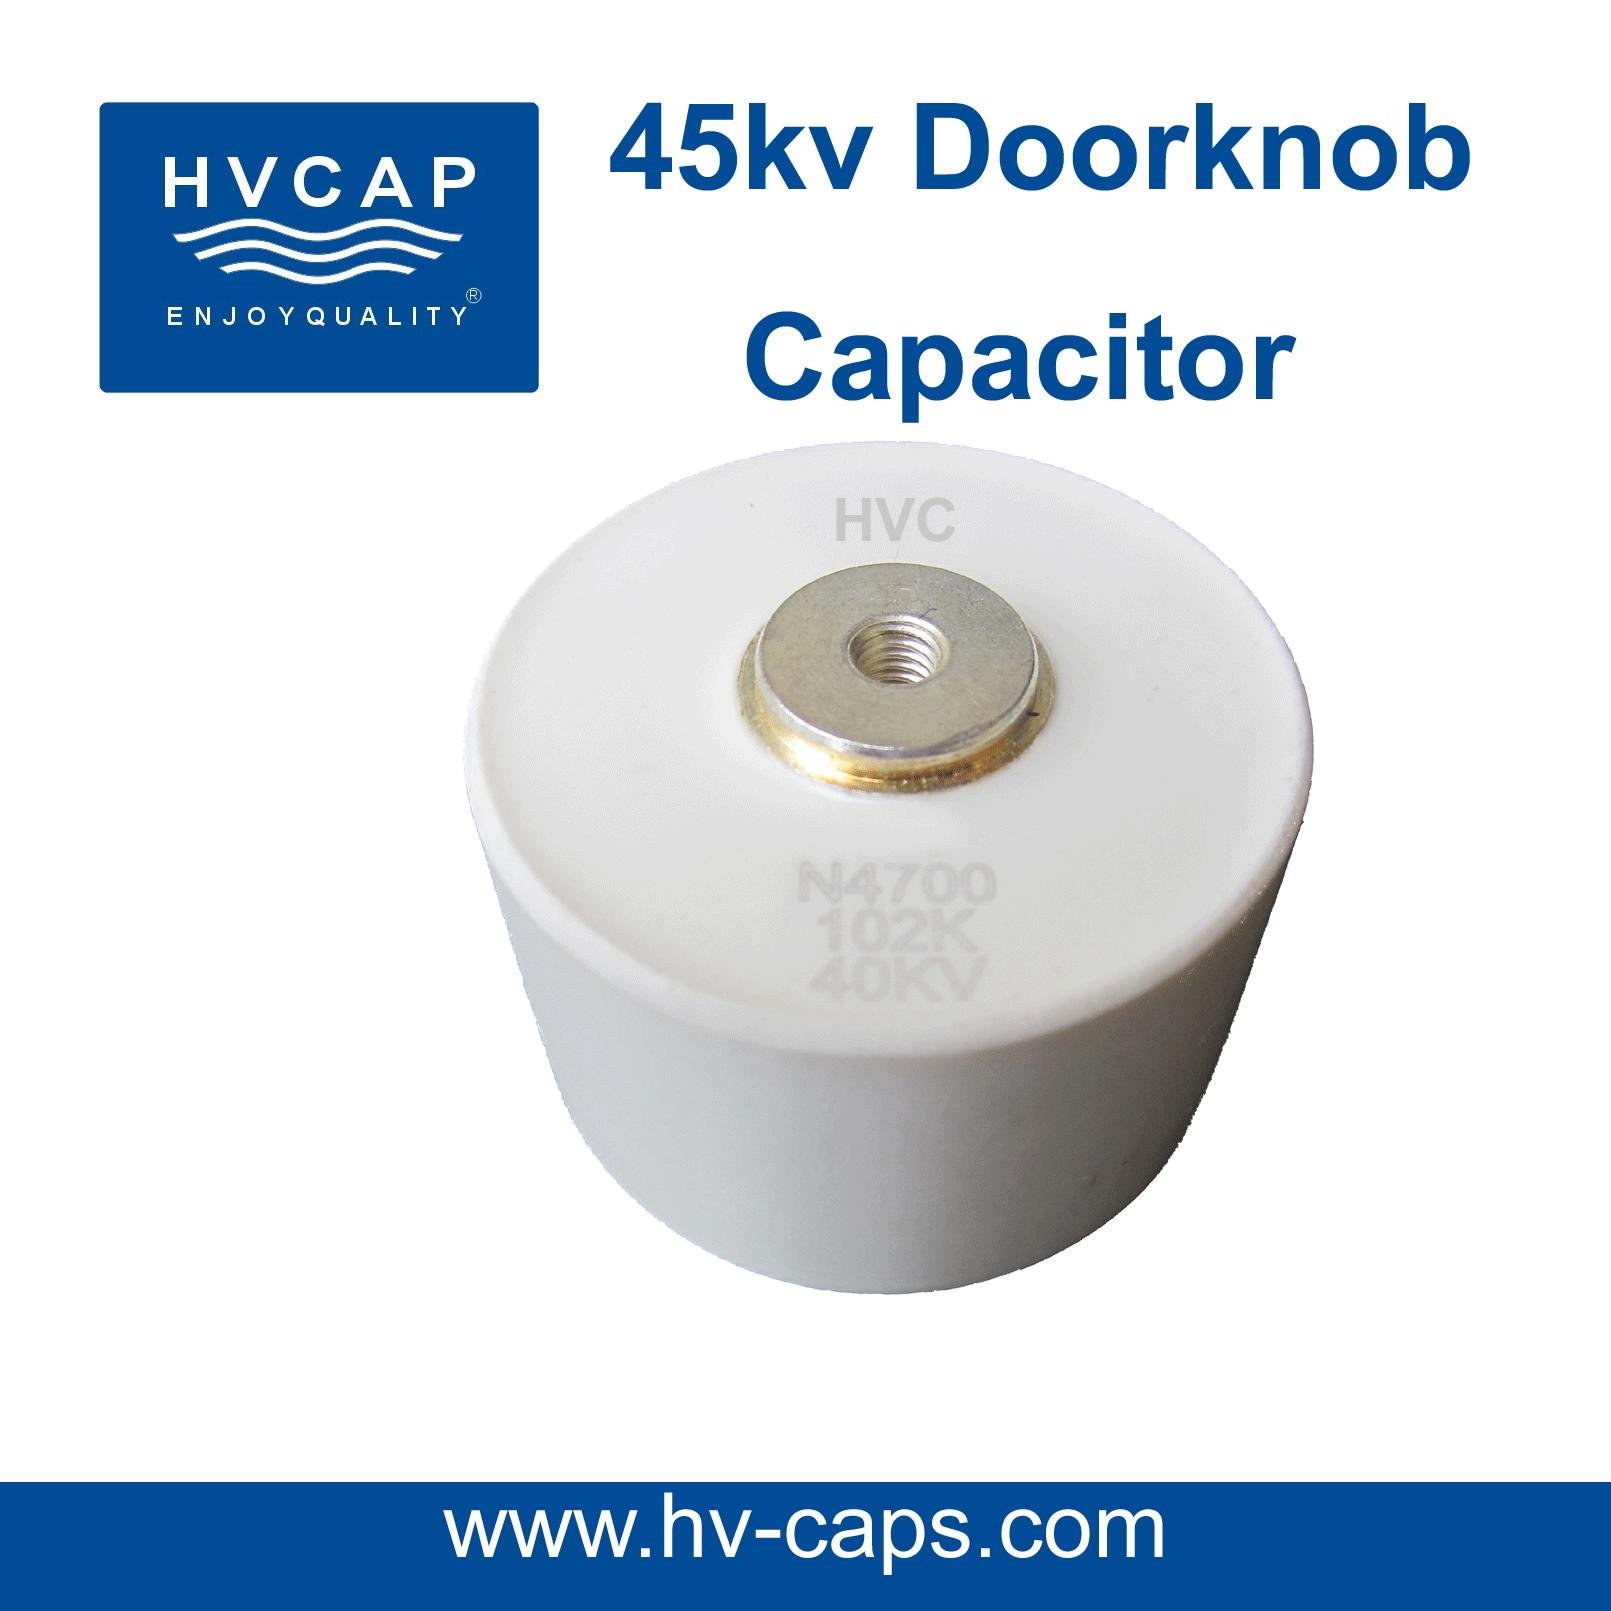 উচ্চ ভোল্টেজ সিরামিক Doorknob ক্যাপাসিটরের 45kv স্পেসিফিকেশন।